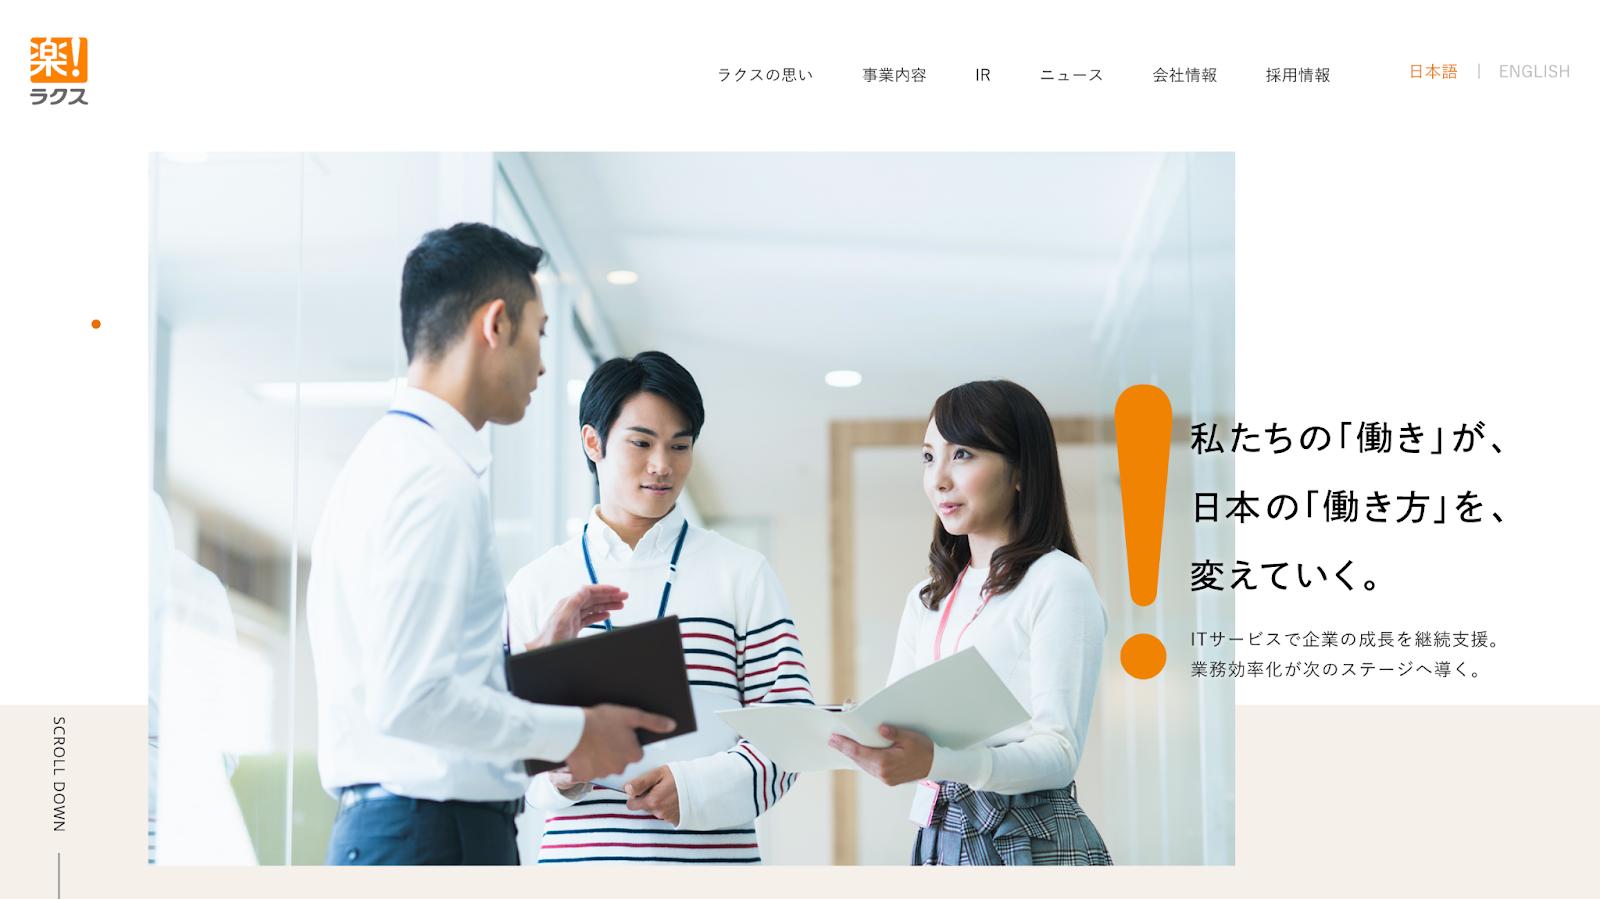 ラクスのウェブサイト